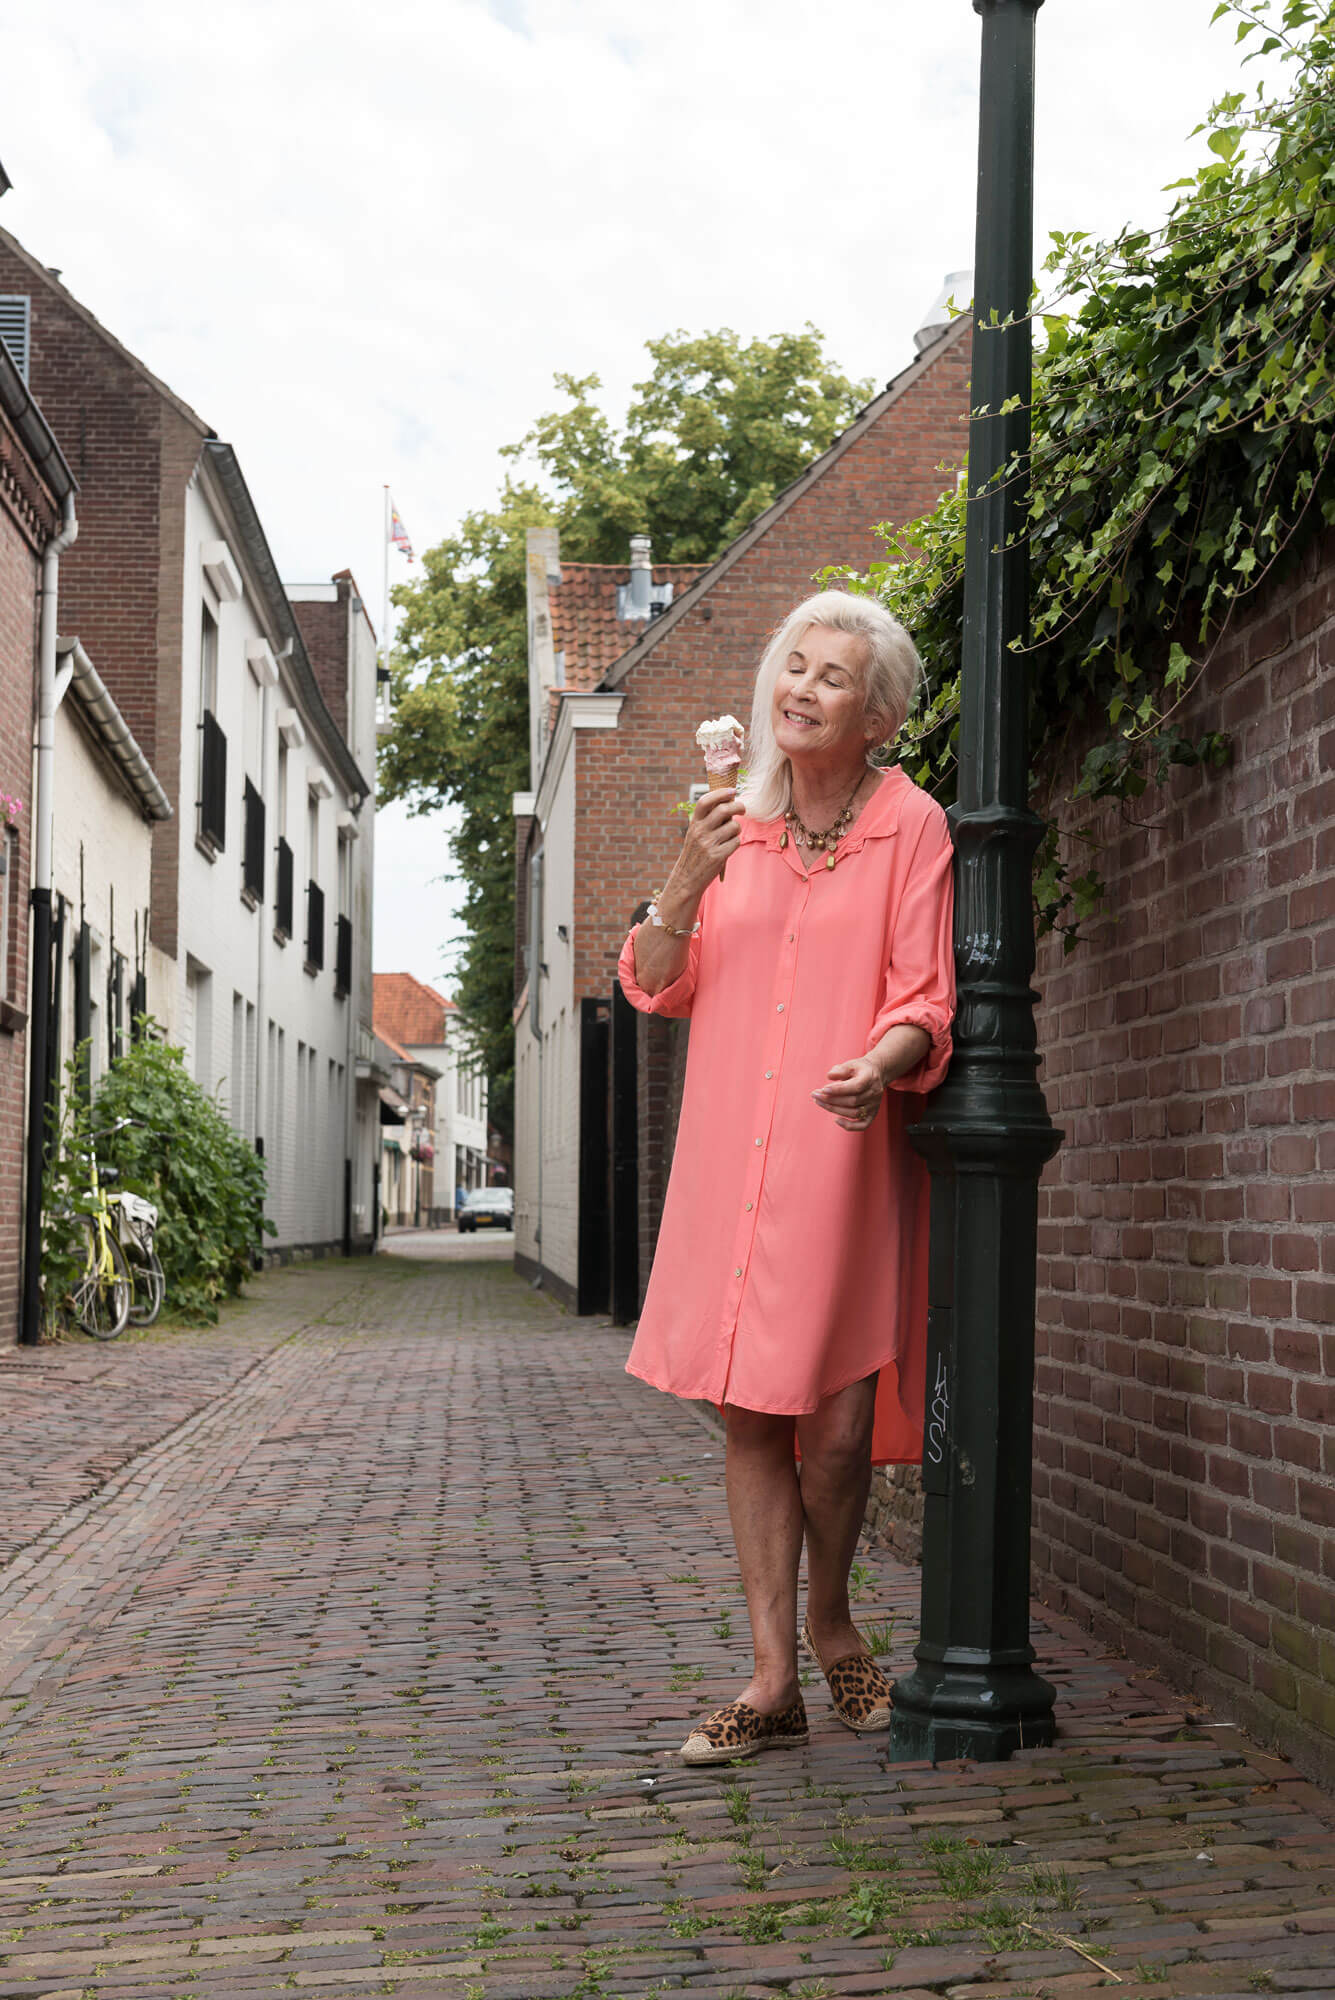 Roze jurk met ijs in straat Oirschot